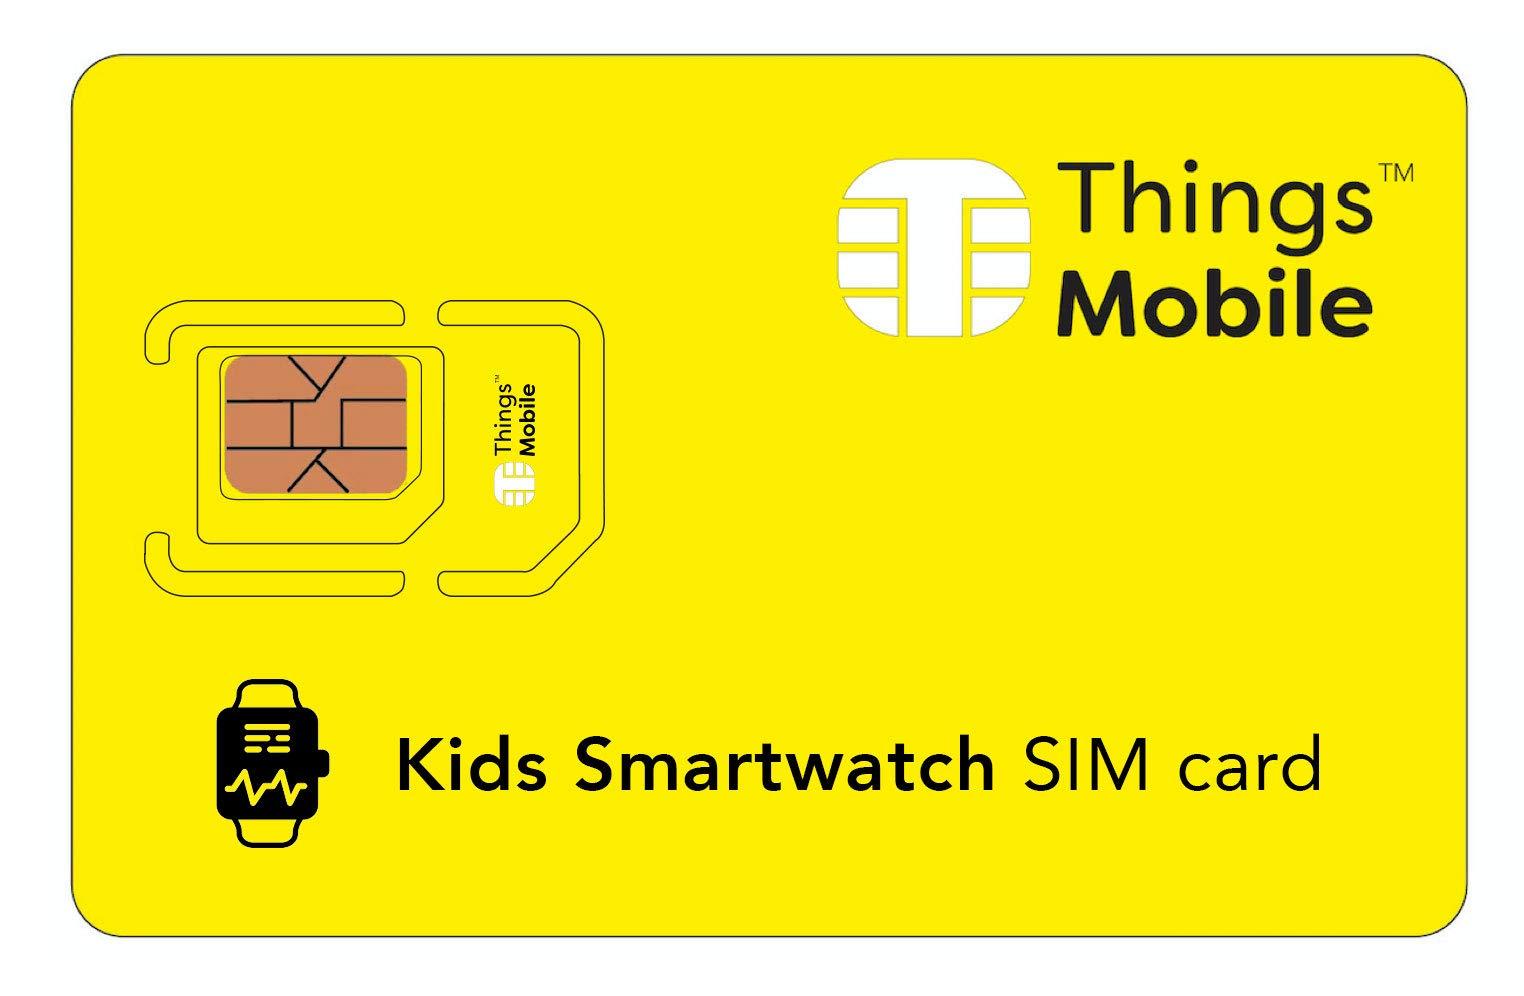 Tarjeta SIM para SMARTWATCH / RELOJ INTELIGENTE PARA NIÑOS - Things Mobile - cobertura global, red multioperador GSM/2G/3G/4G, sin costes fijos, sin vencimiento. Crédito no incluido 1